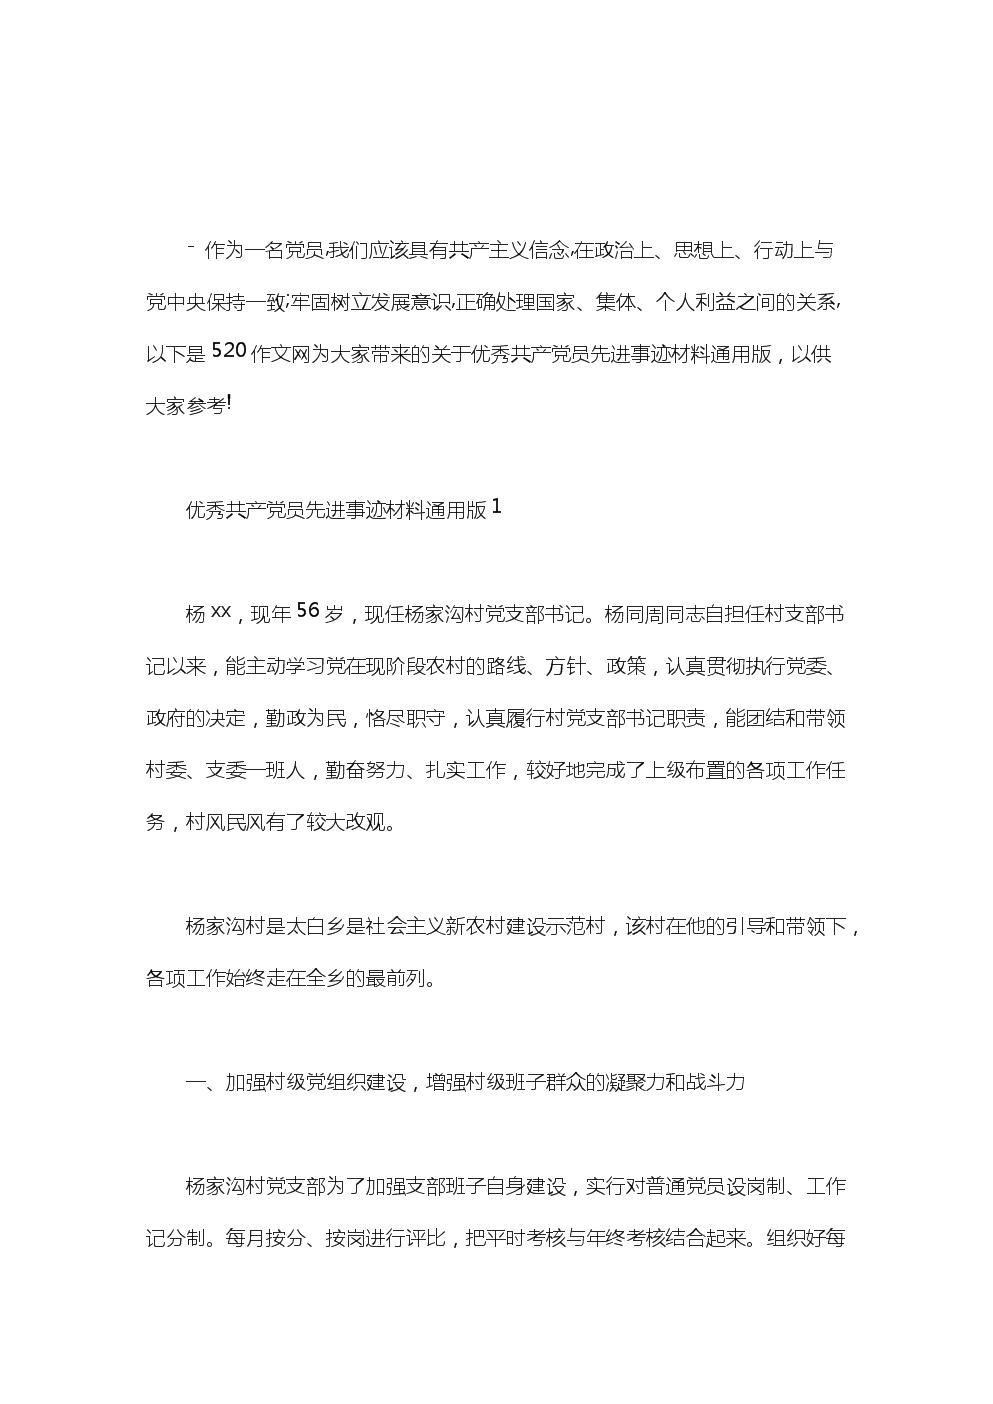 优秀共产党员先进事迹材料通用版三篇.doc